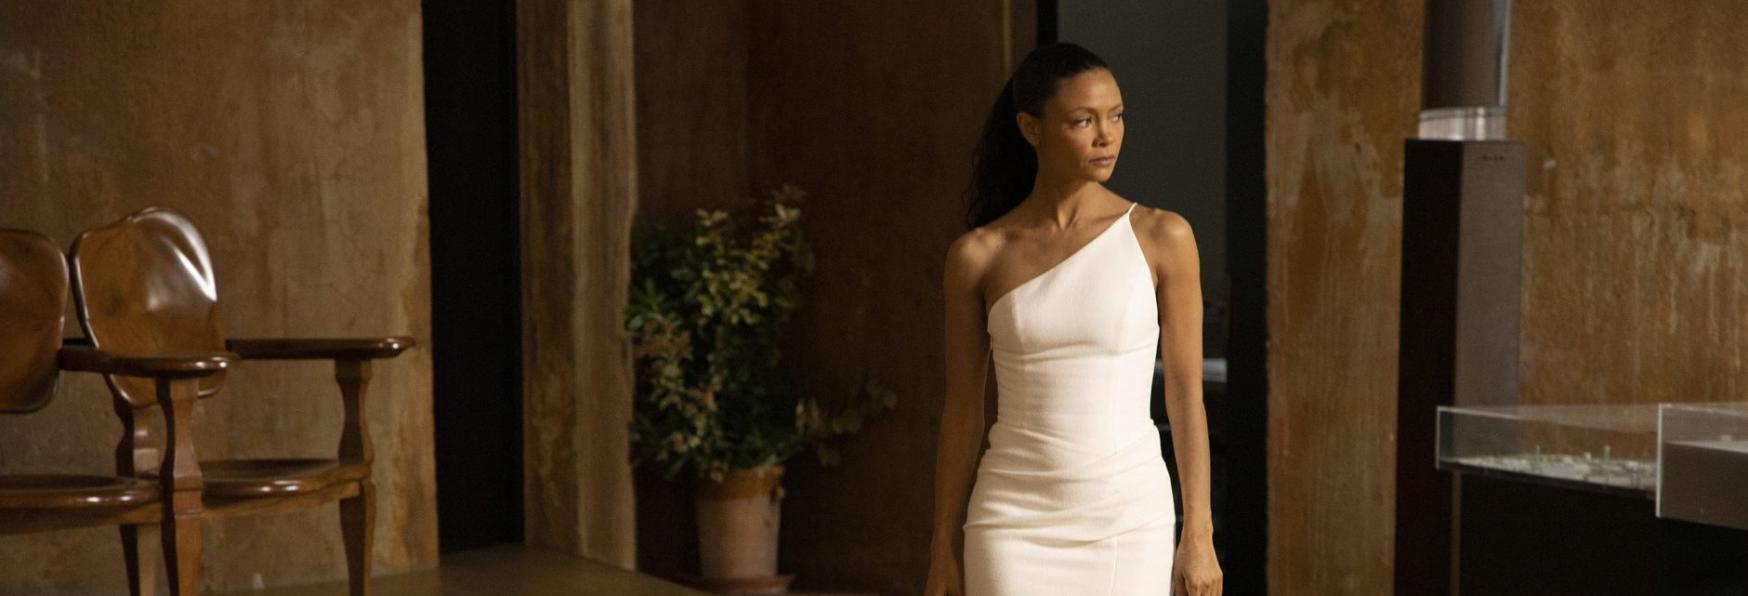 Westworld 4: l'Attrice Thandie Newton ci svela il Destino di Maeve